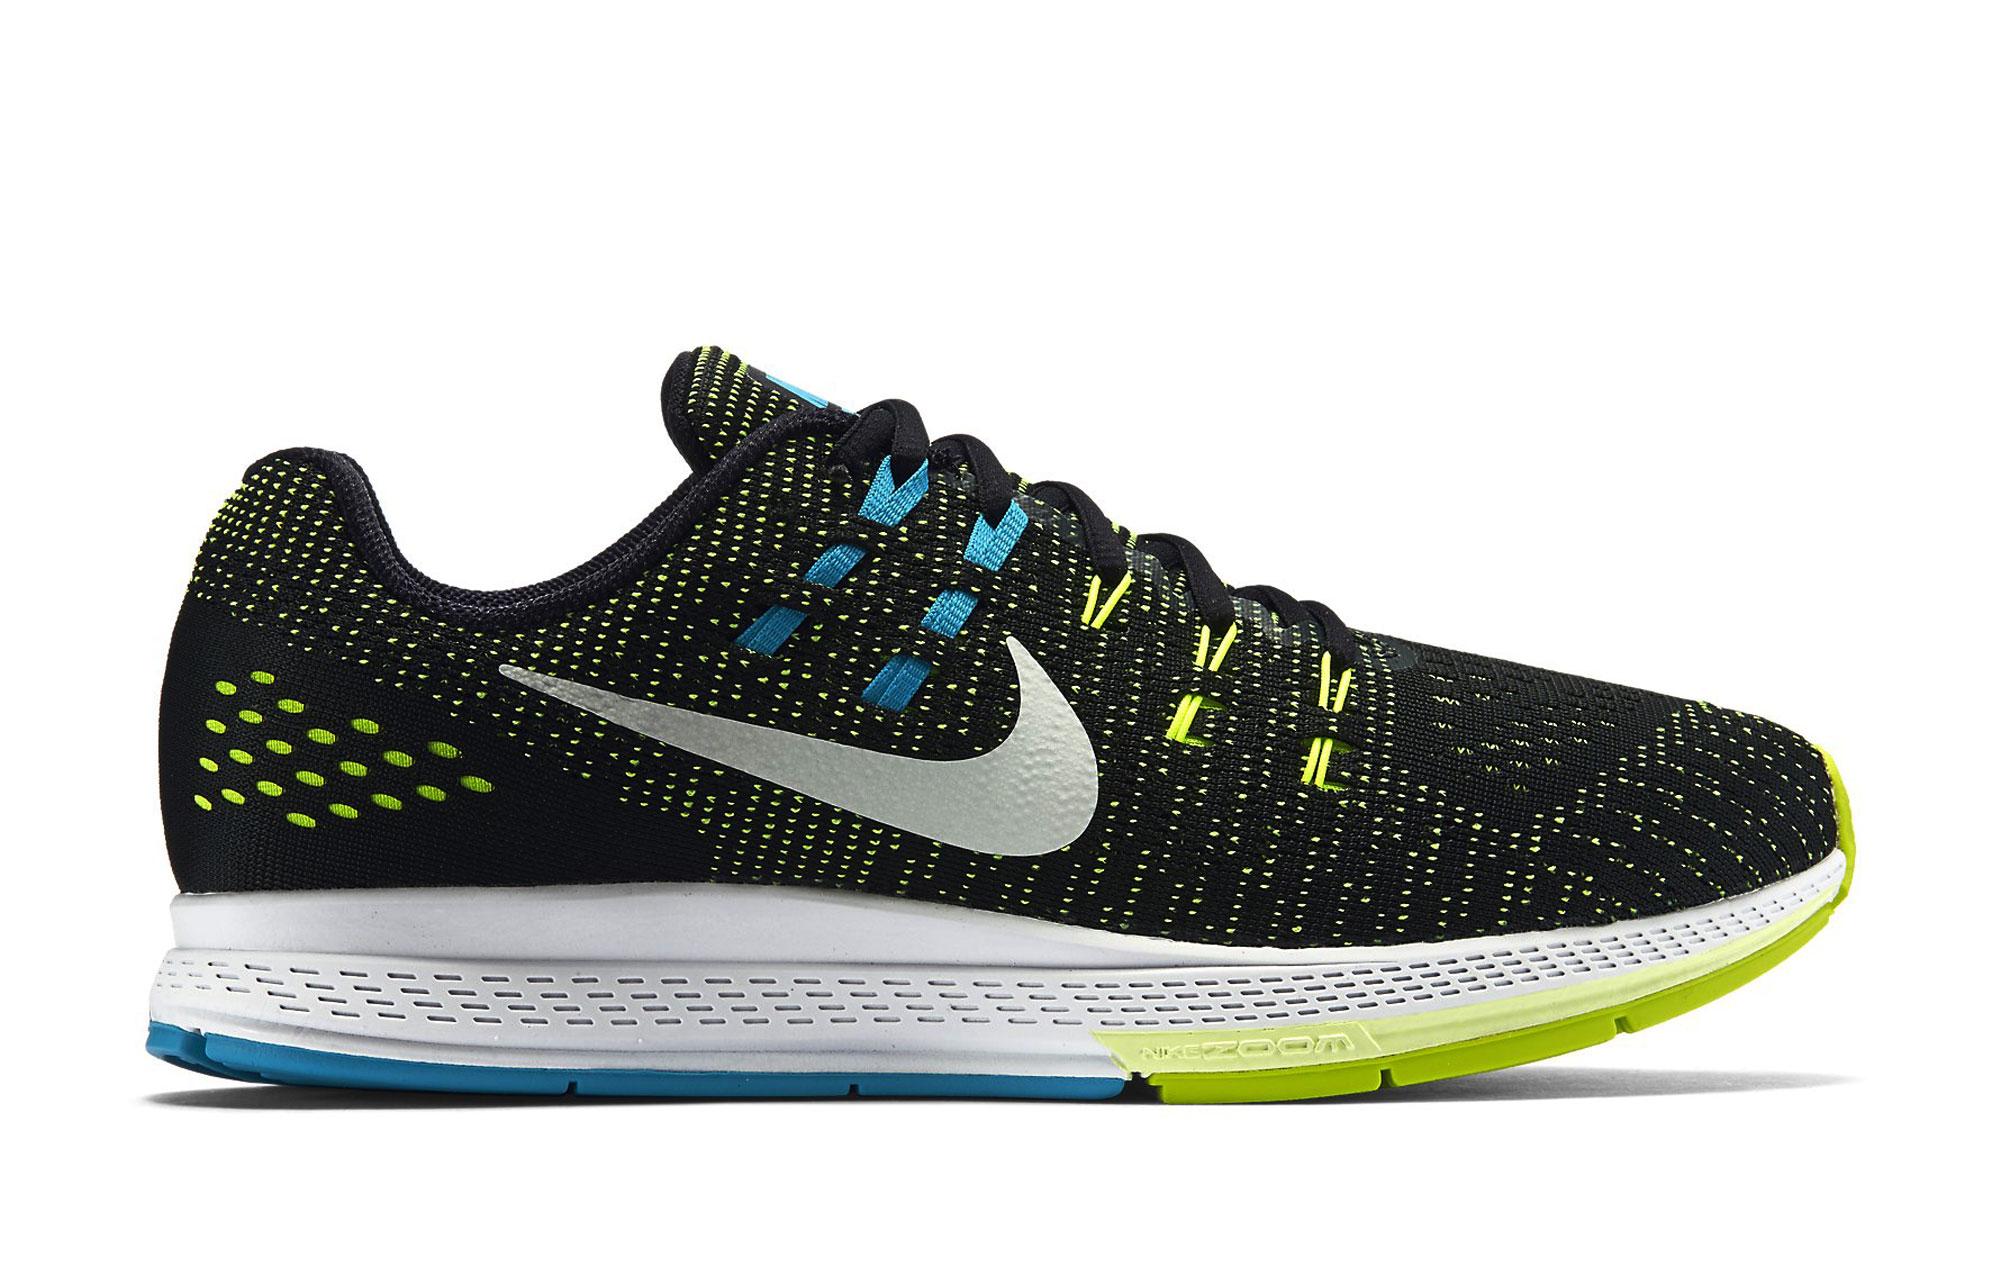 91bed3e3da257 Zapatillas Nike AIR ZOOM STRUCTURE 19 para Hombre